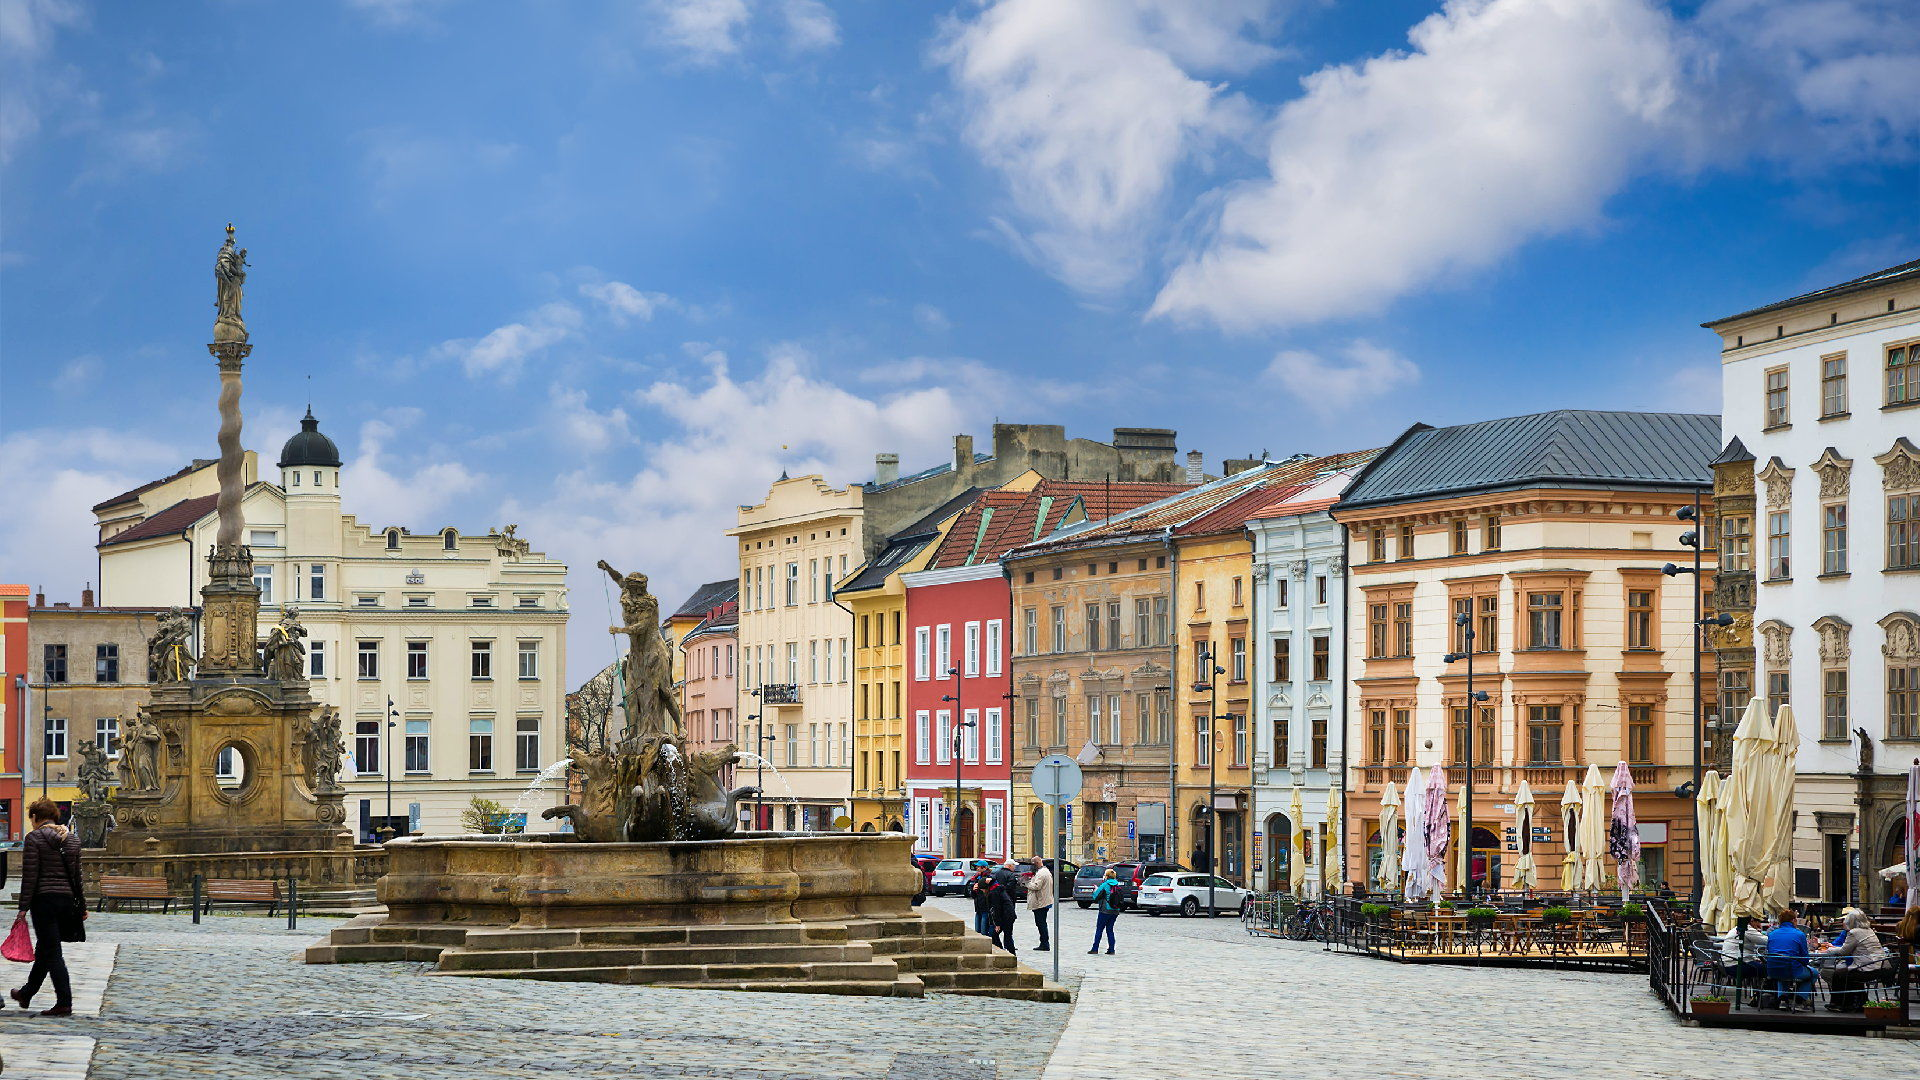 Webkamera Olomouc – Živé online záběry z centra